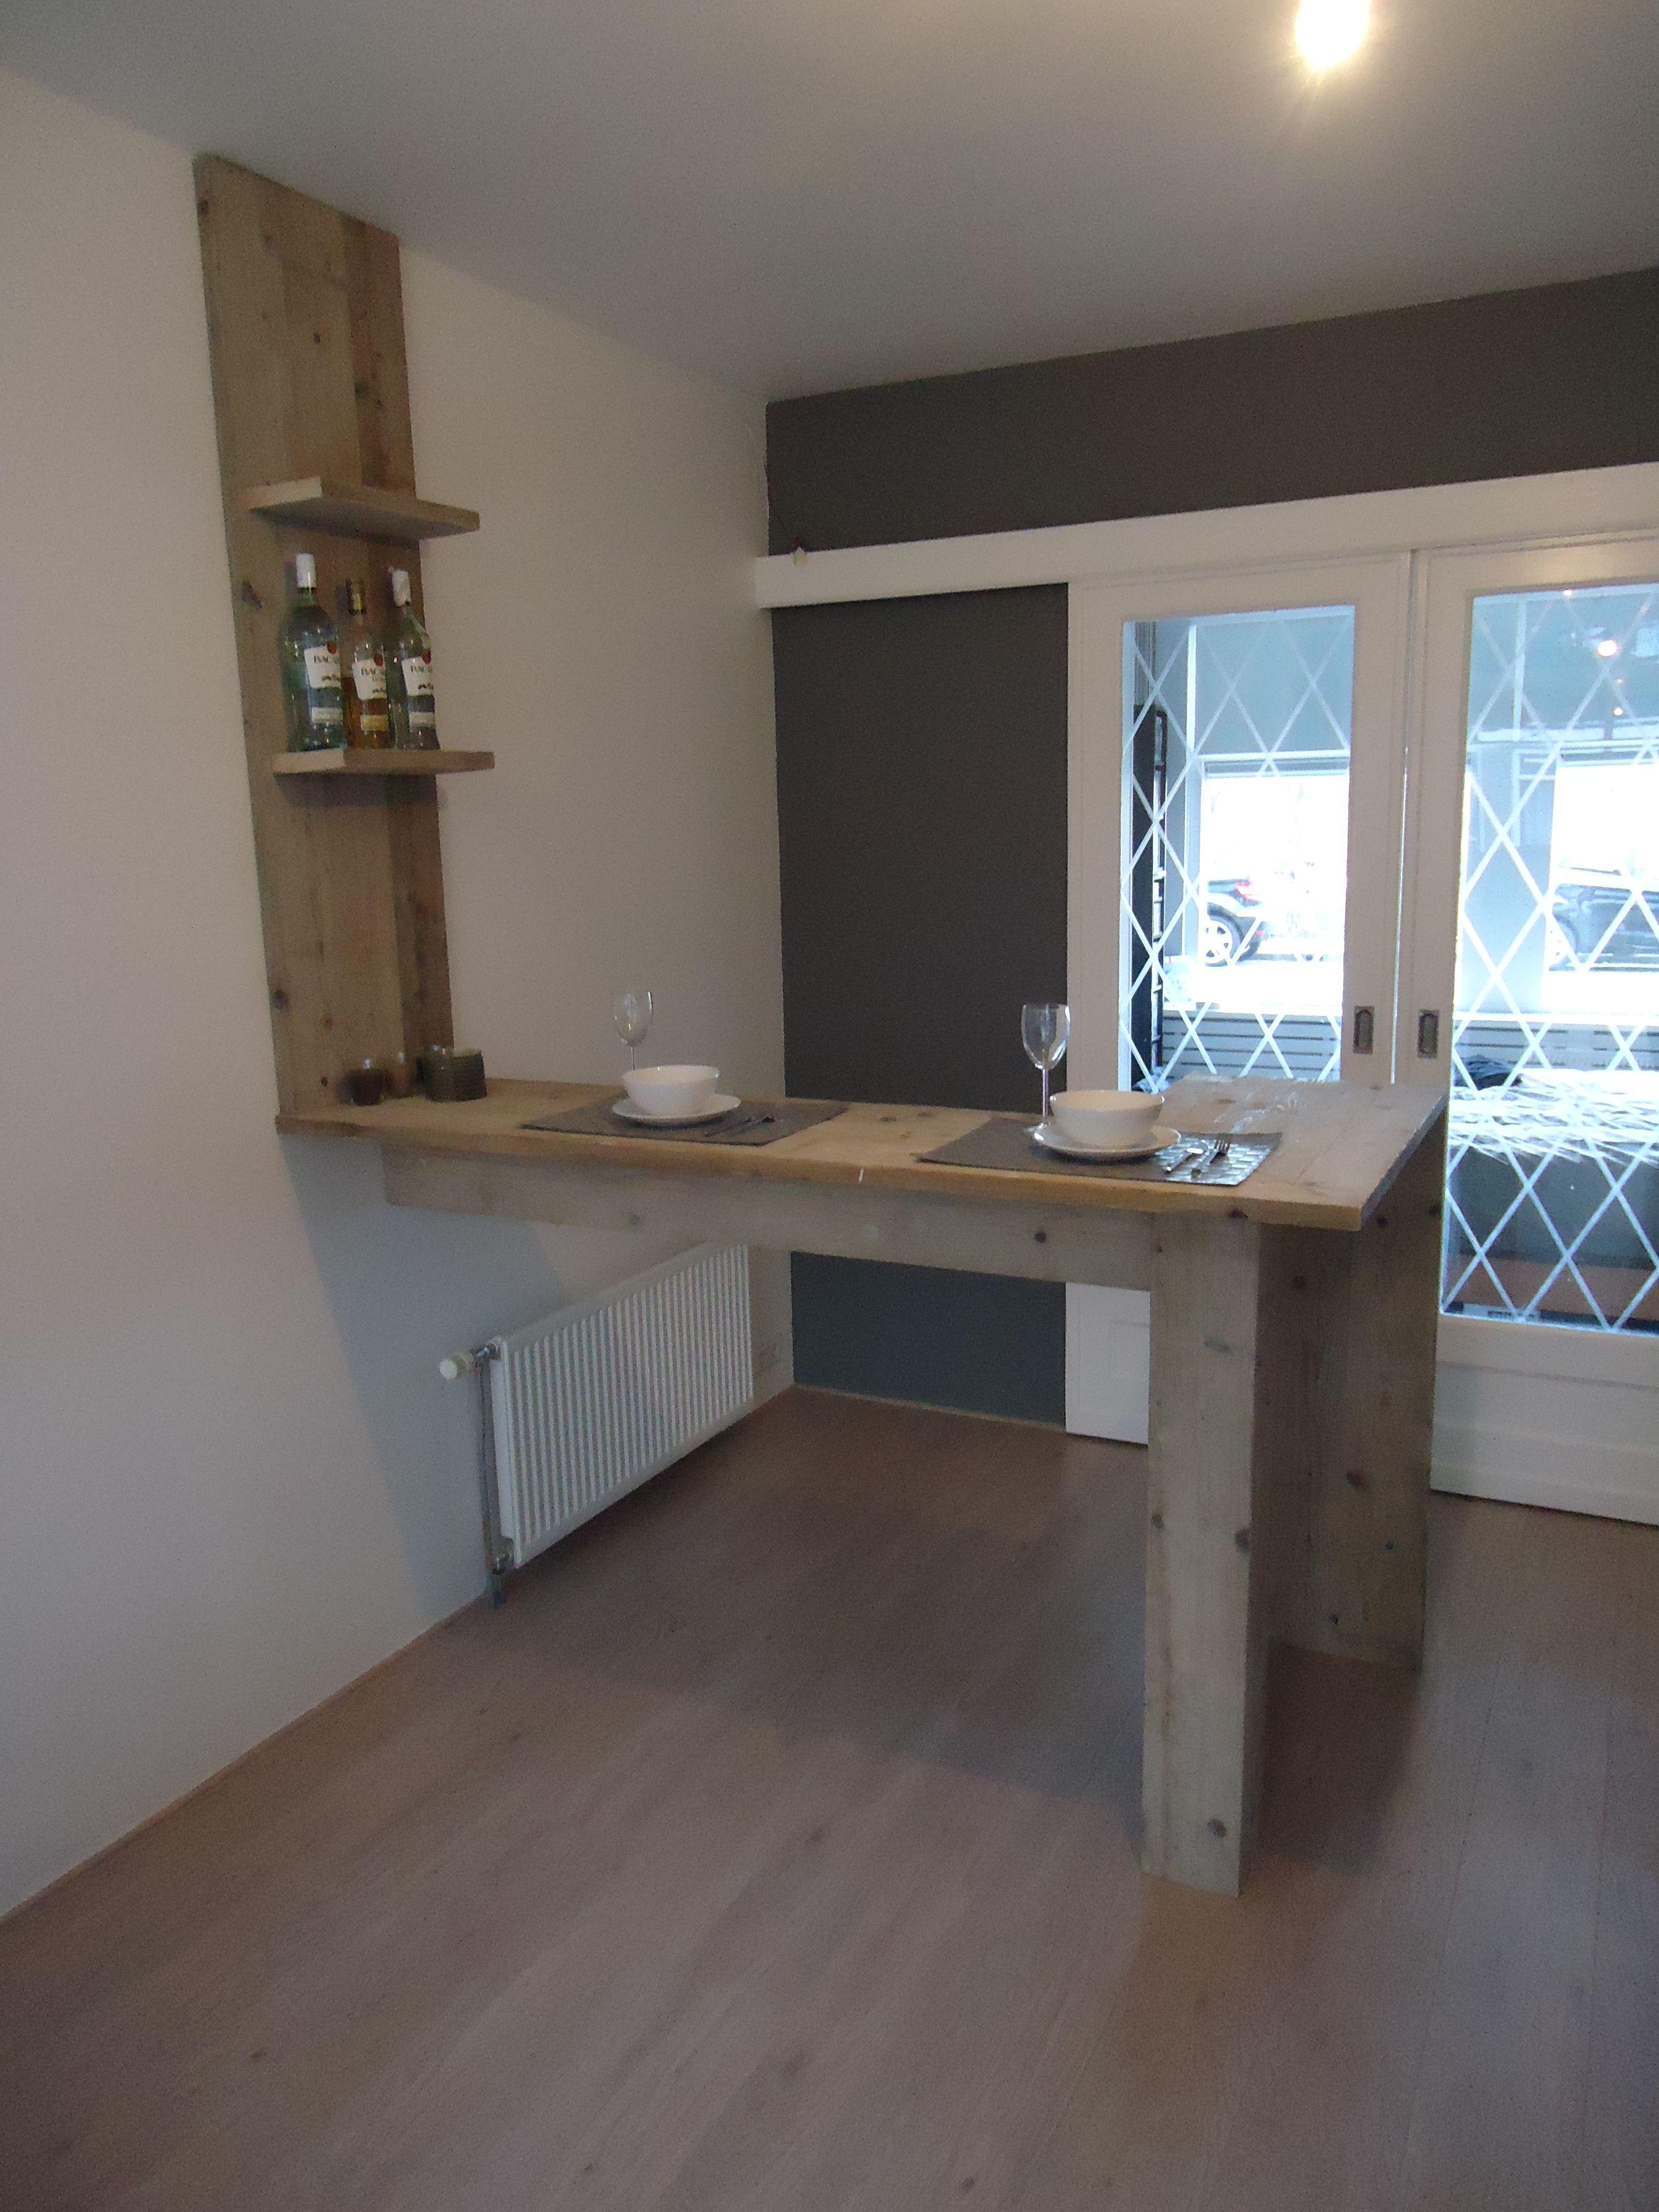 Steigerhout eigen ontwerp voor een eetbar my style pinterest - Idee van de eetkamer ...